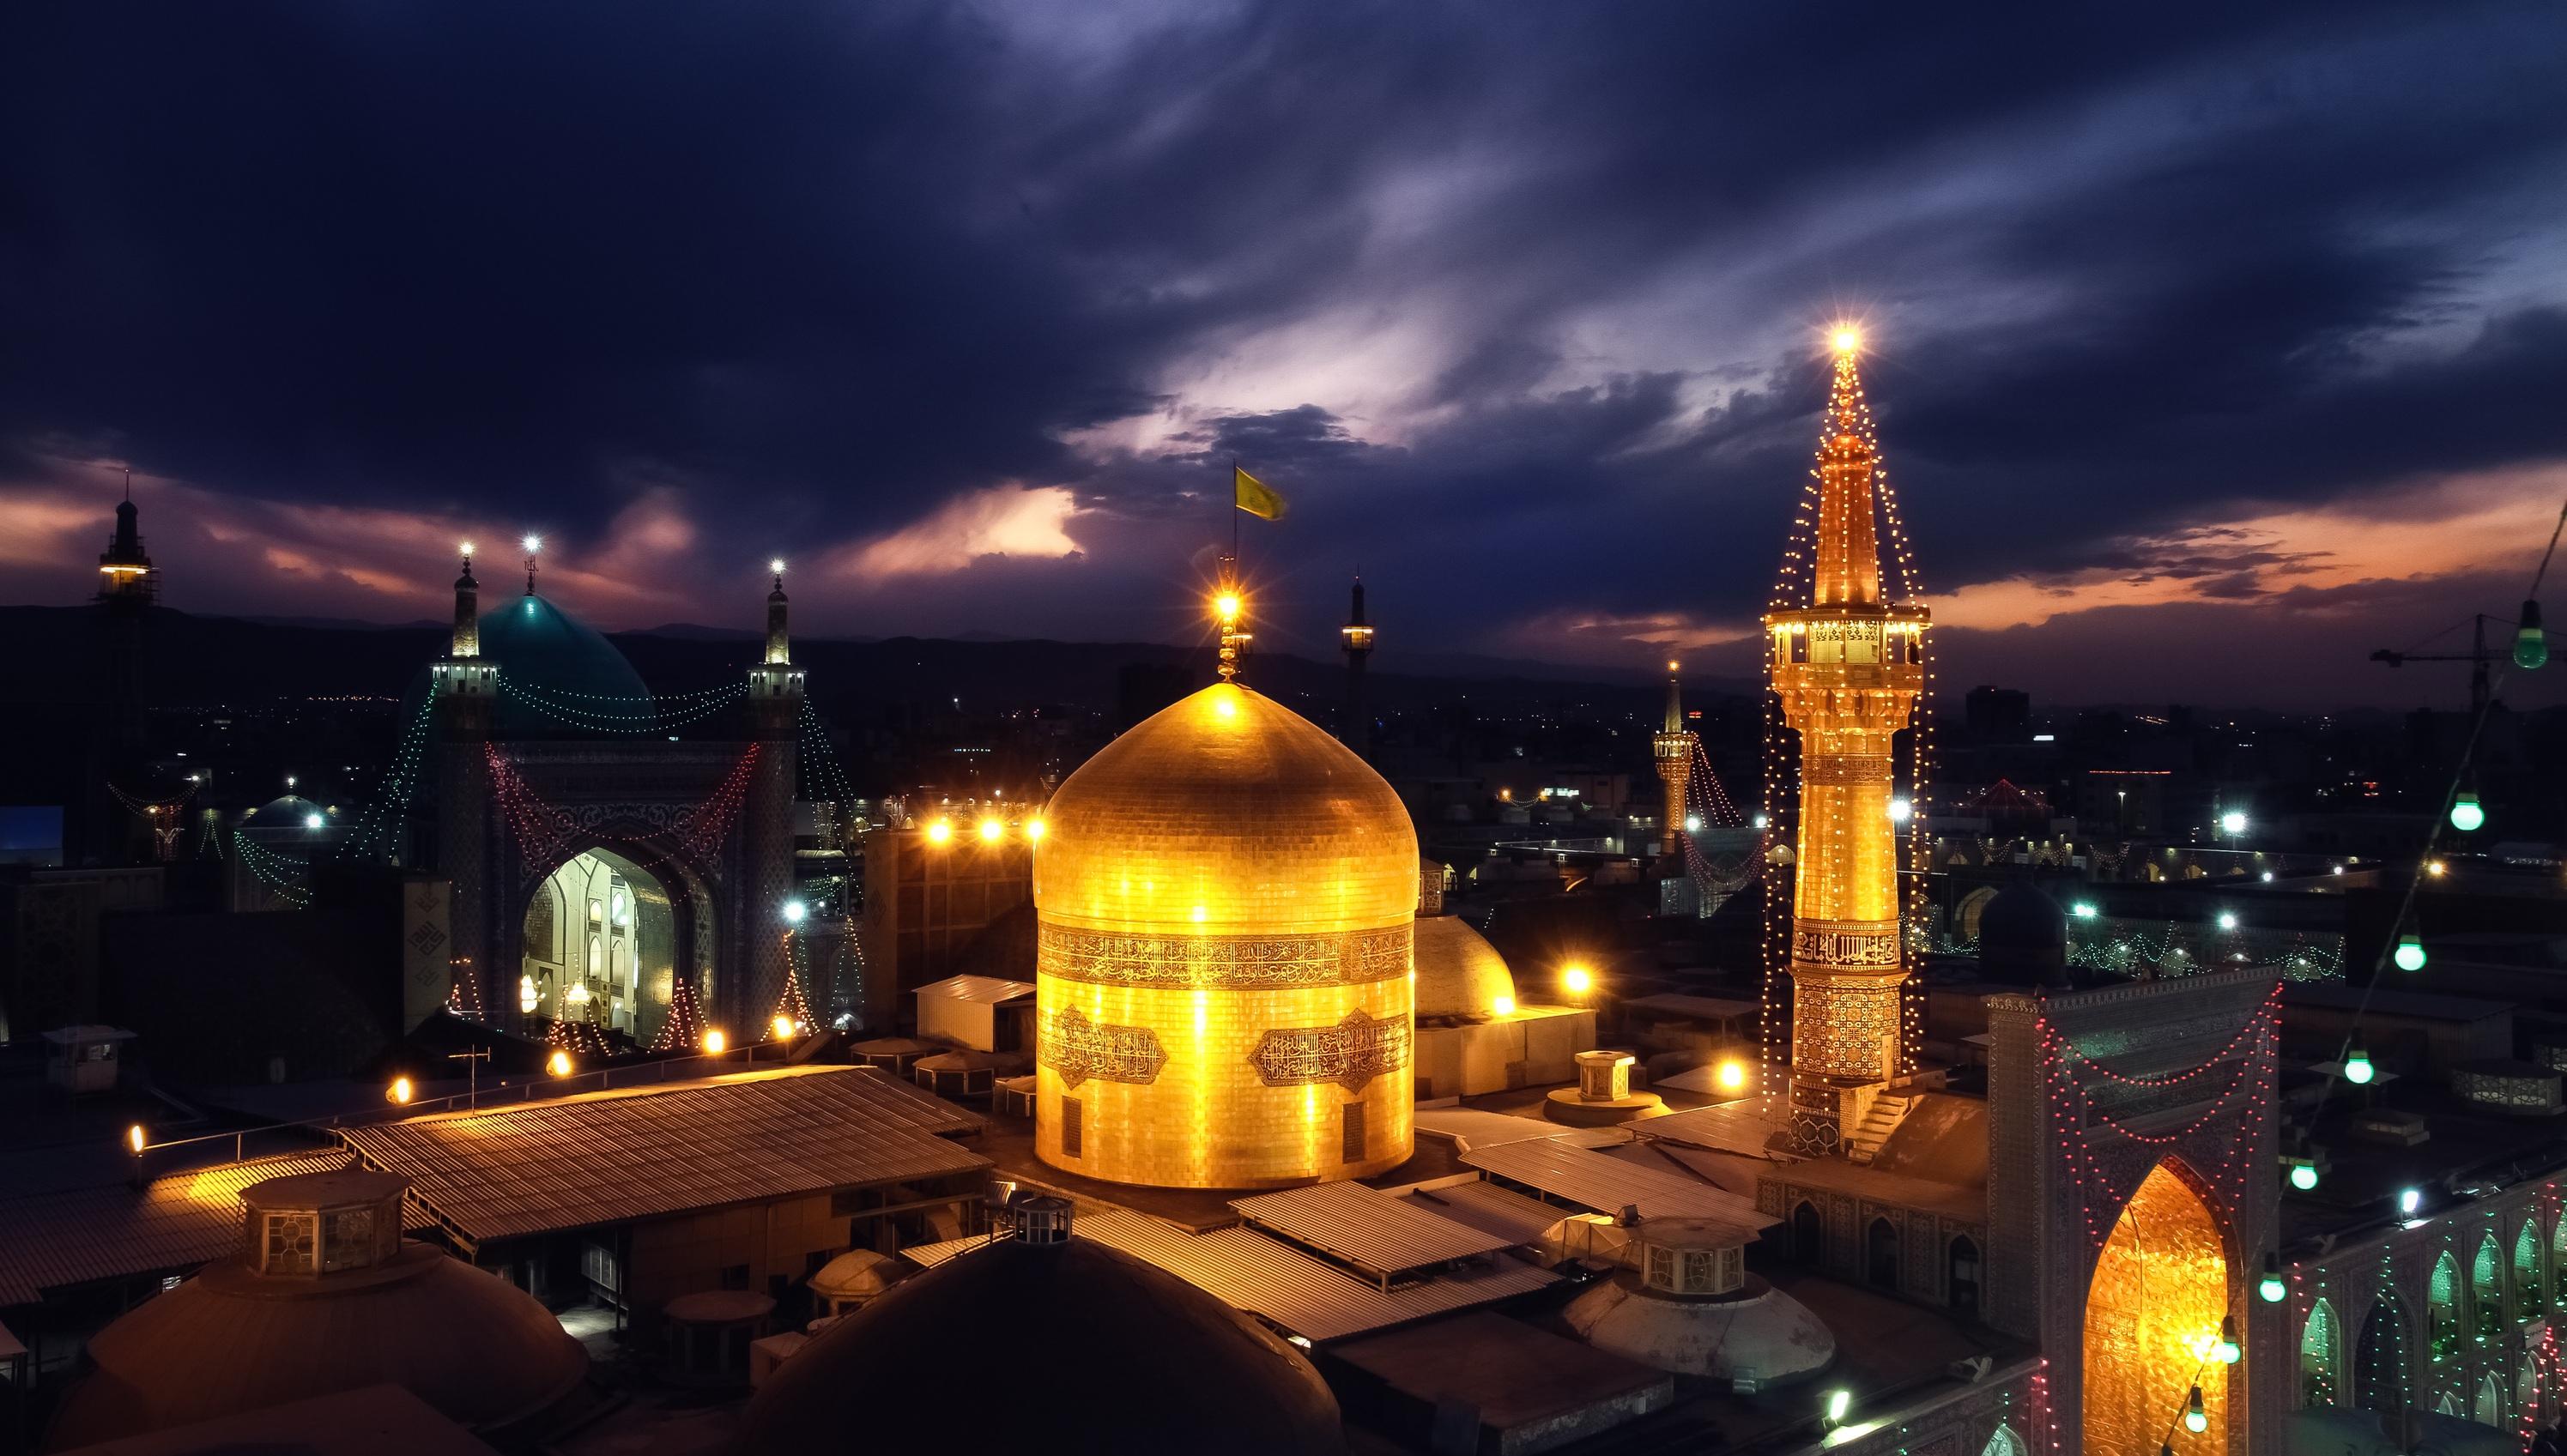 مهمانپذیر عارف در مشهد | مشهدسرا - 1040